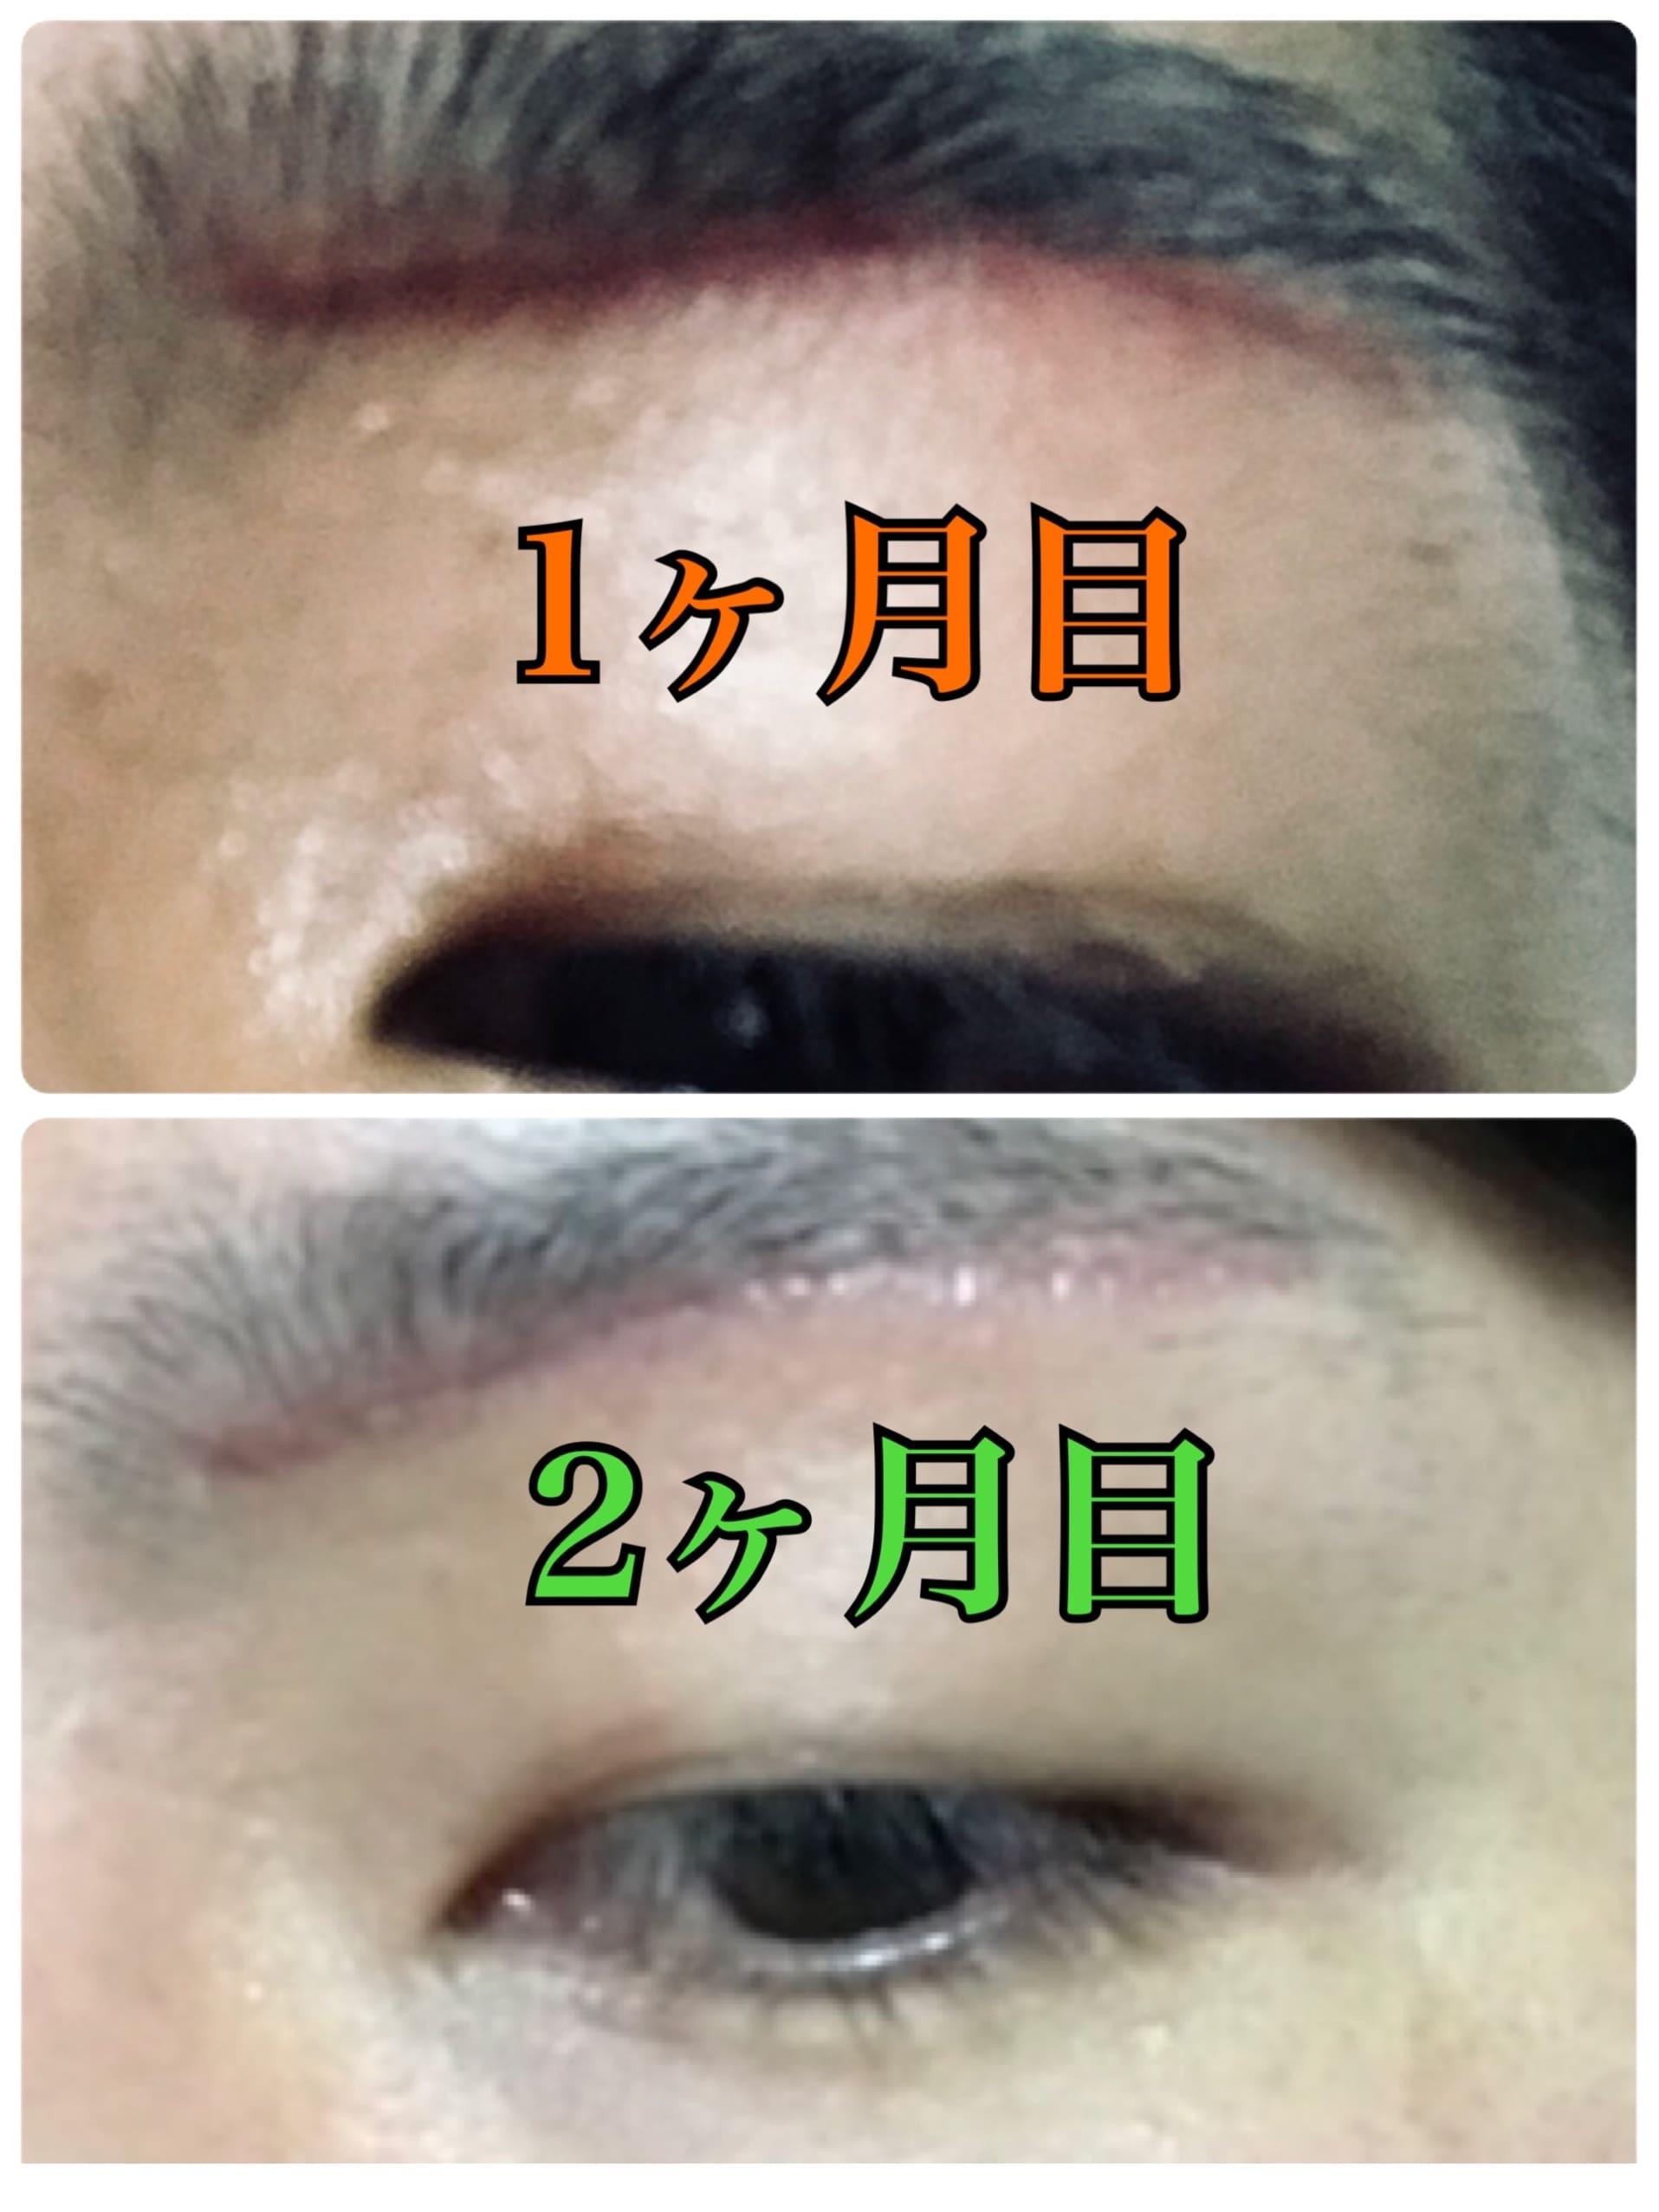 f:id:renji_tiger:20181212222851j:image